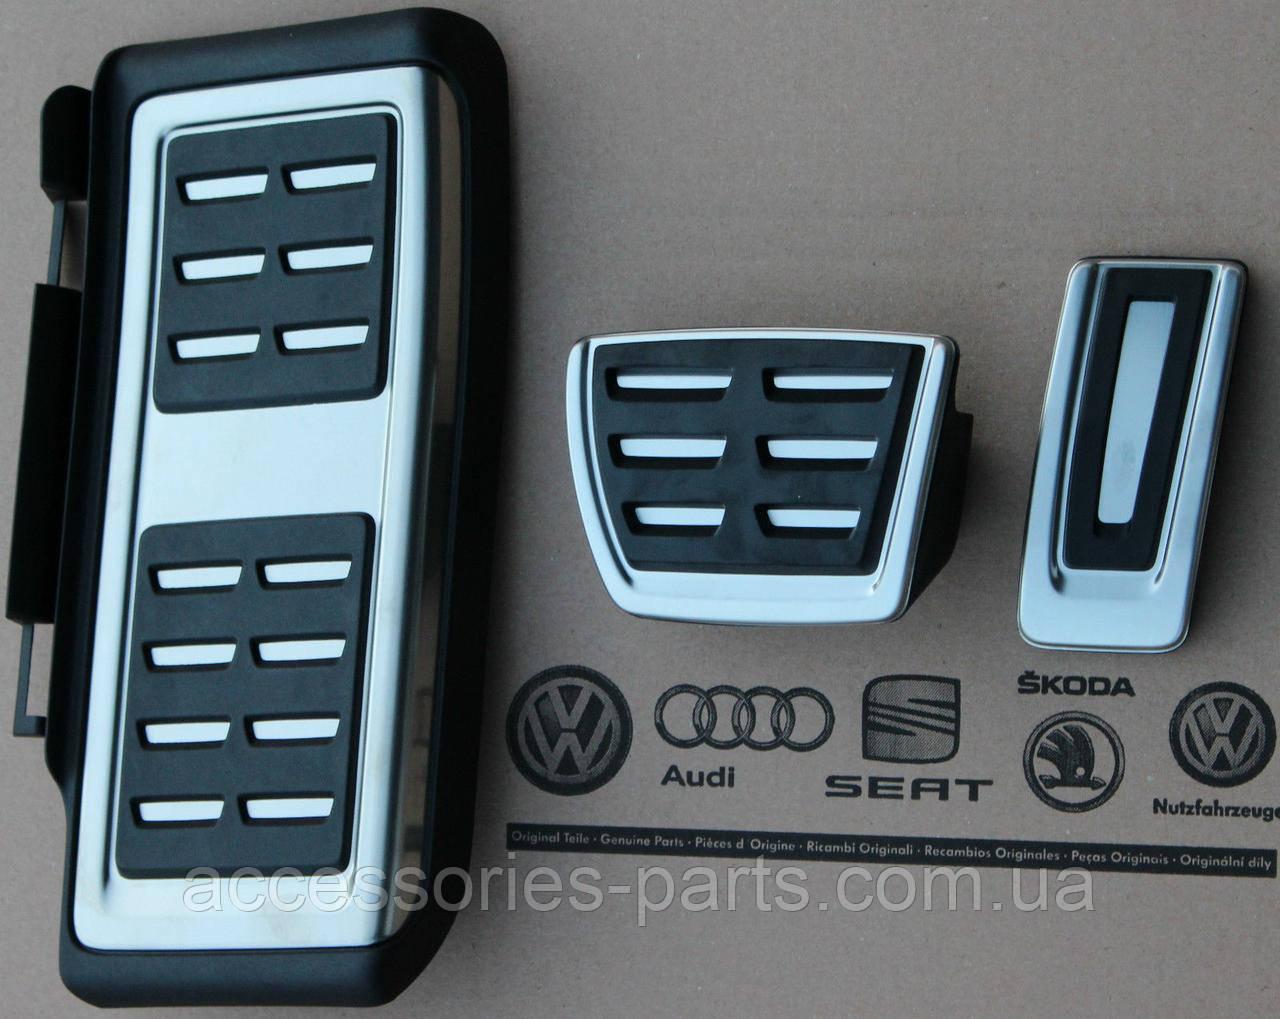 Накладки на педали Volkswagen Passat B8 14-2016 для АКПП Новые Оригинальные